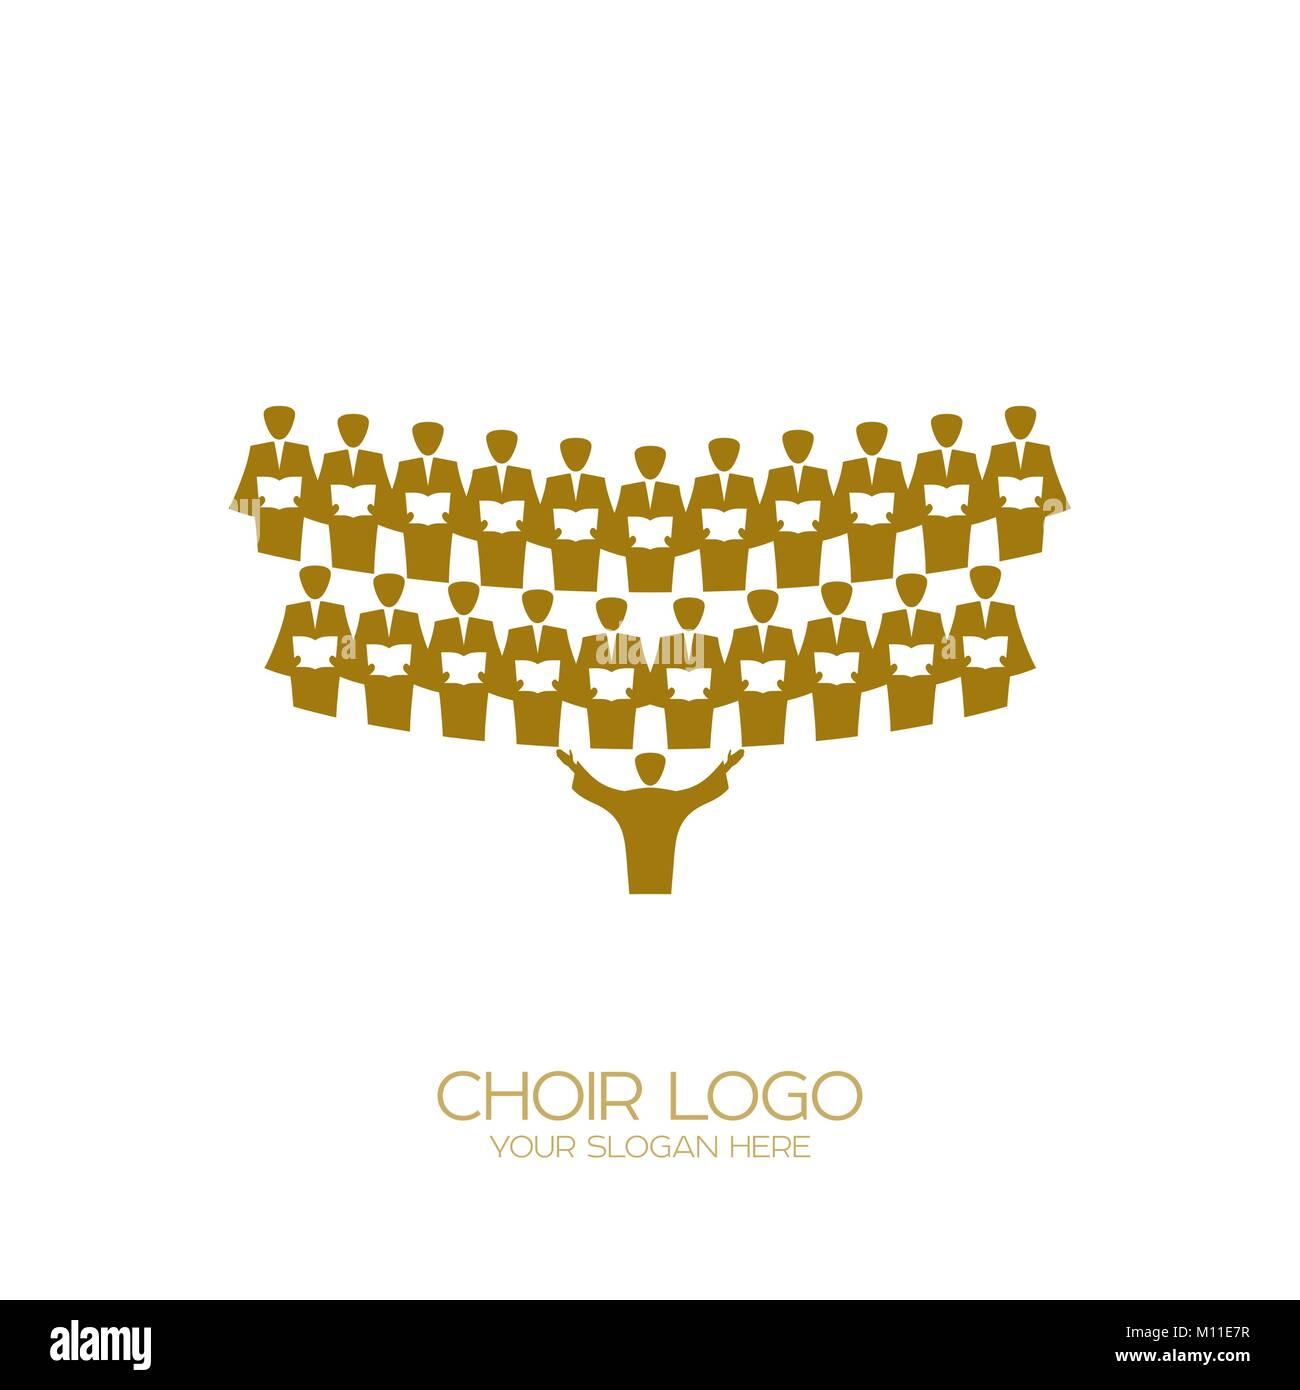 Logo De La Musique Le Chant Chorale Vecteurs Et Illustration Image